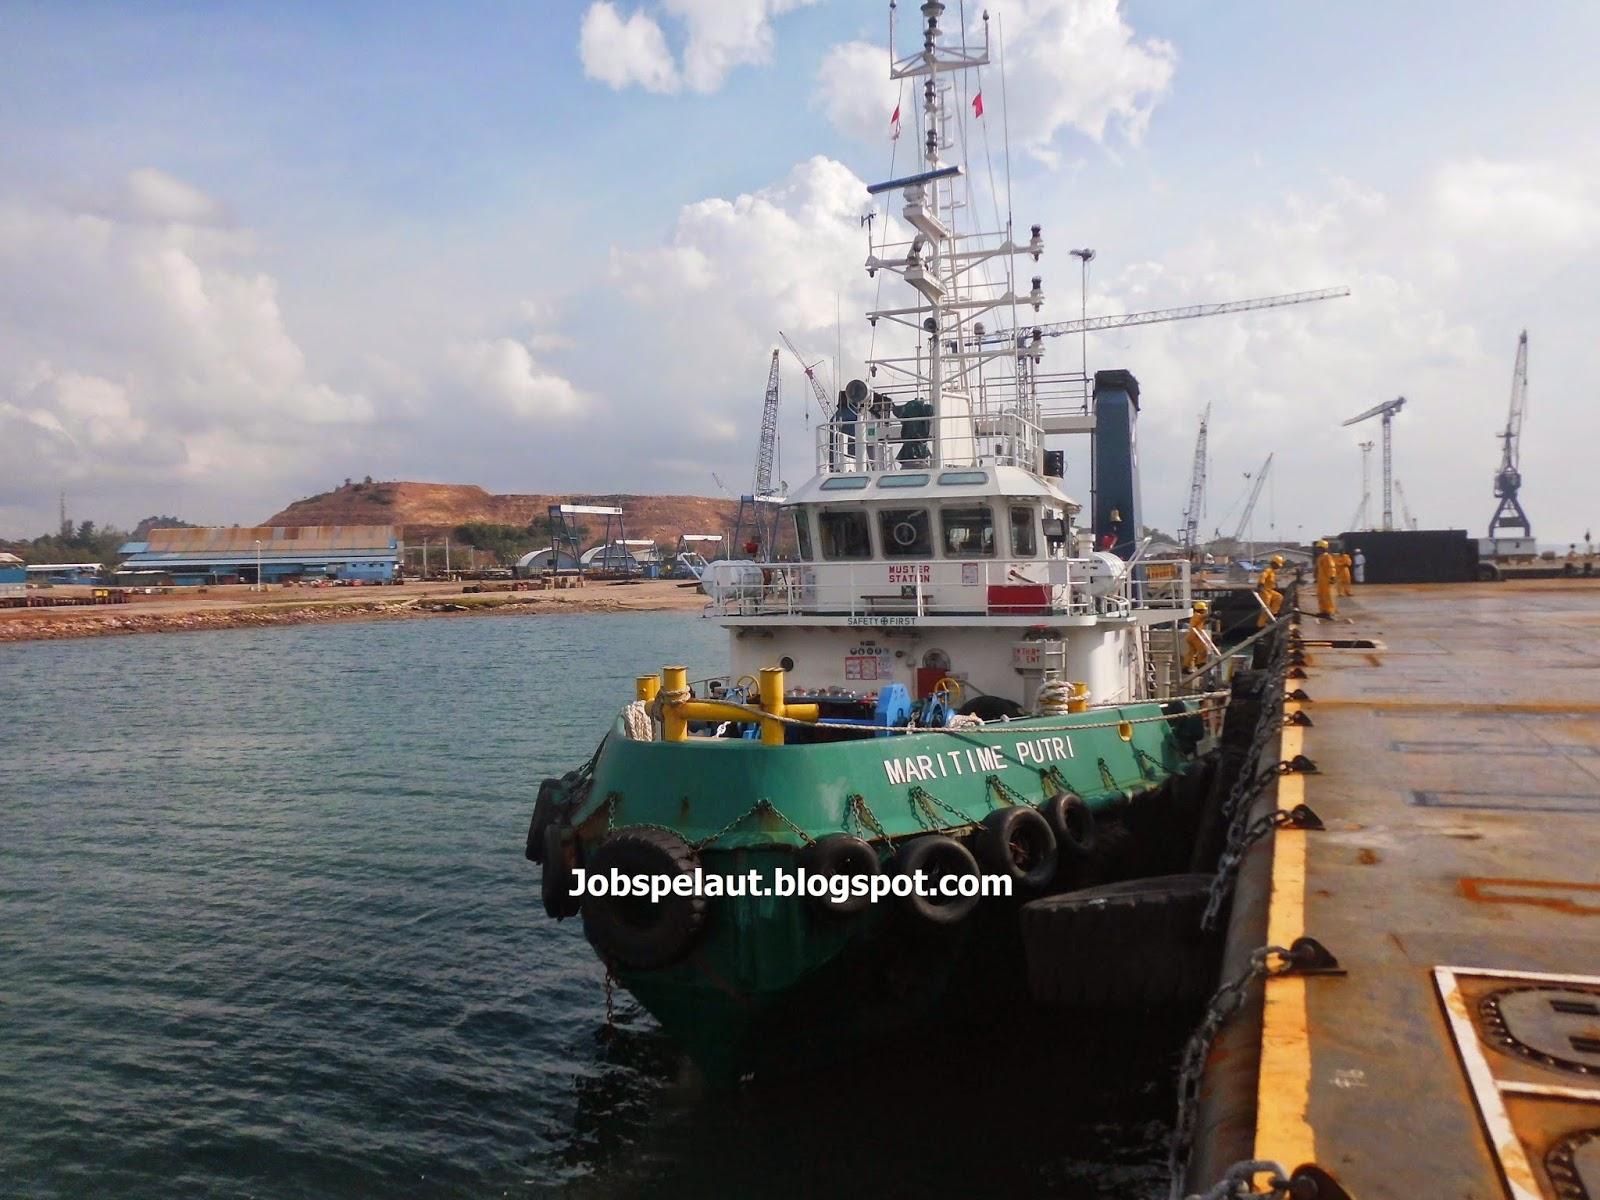 12 Informasi Lowongan Kerja Pelaut Terbaru di Bulan Mei 2014